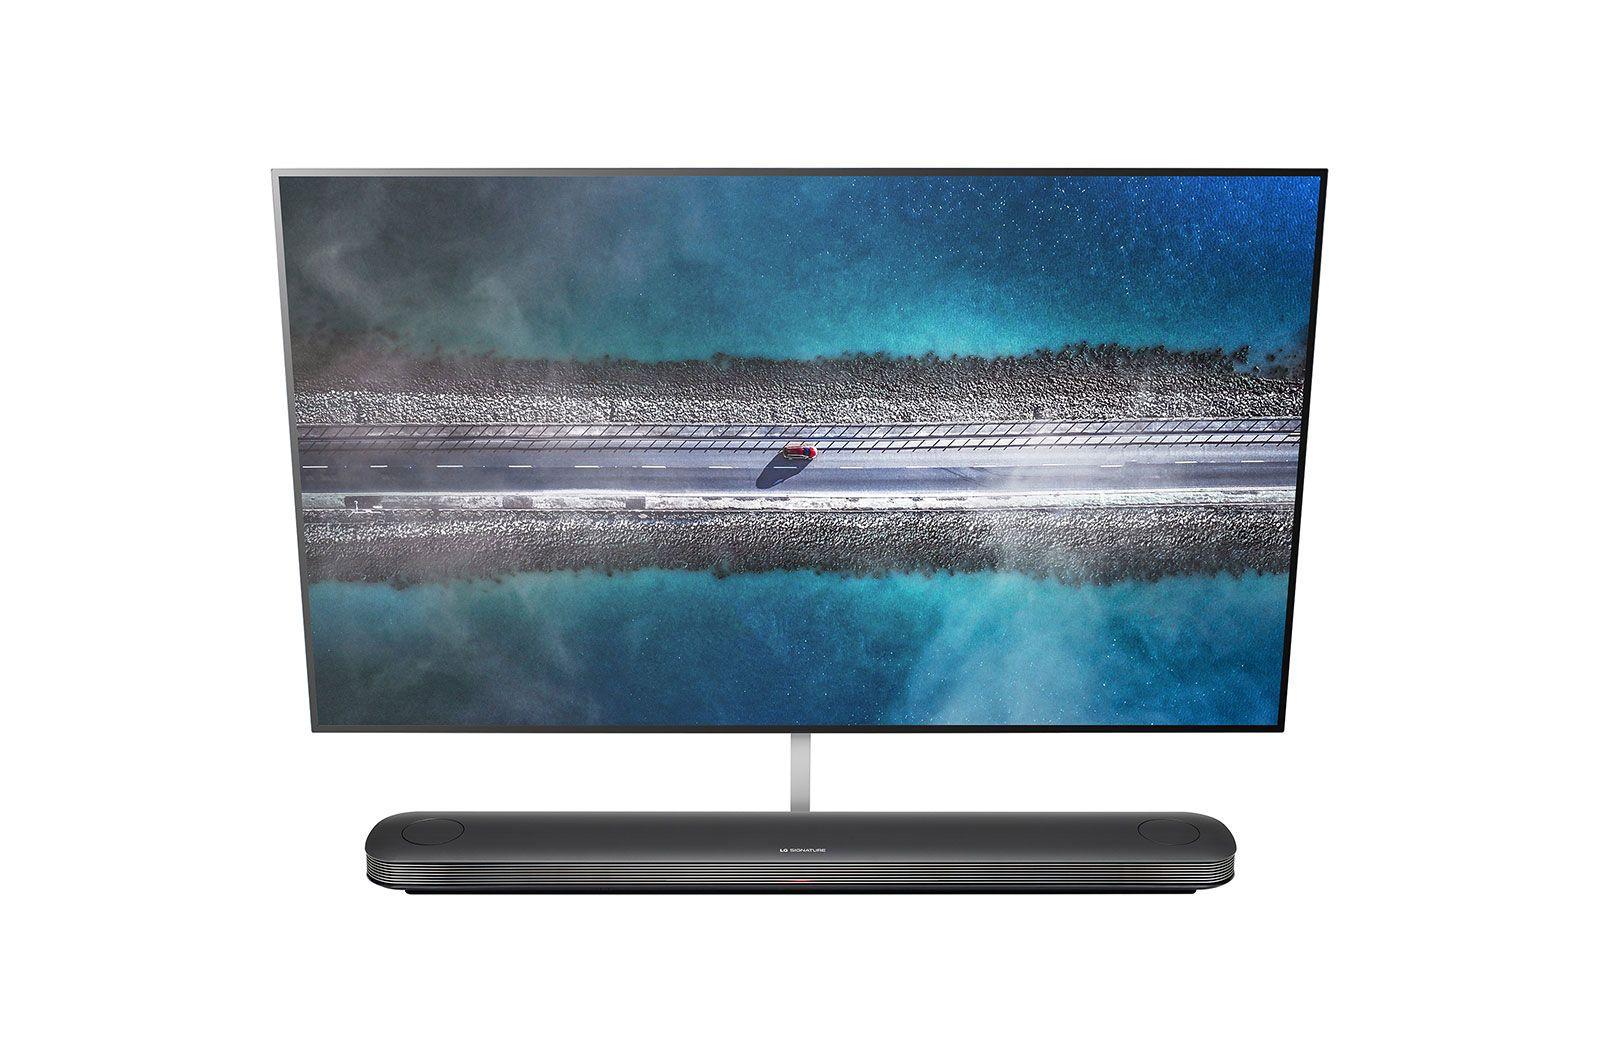 Lg Oled65w9pua Signature W9 Wallpaper 65 Inch Class 4k Smart Oled Tv W Ai Thinq 64 5 Diag Lg Usa Oled Tv Lg Oled Lg Usa